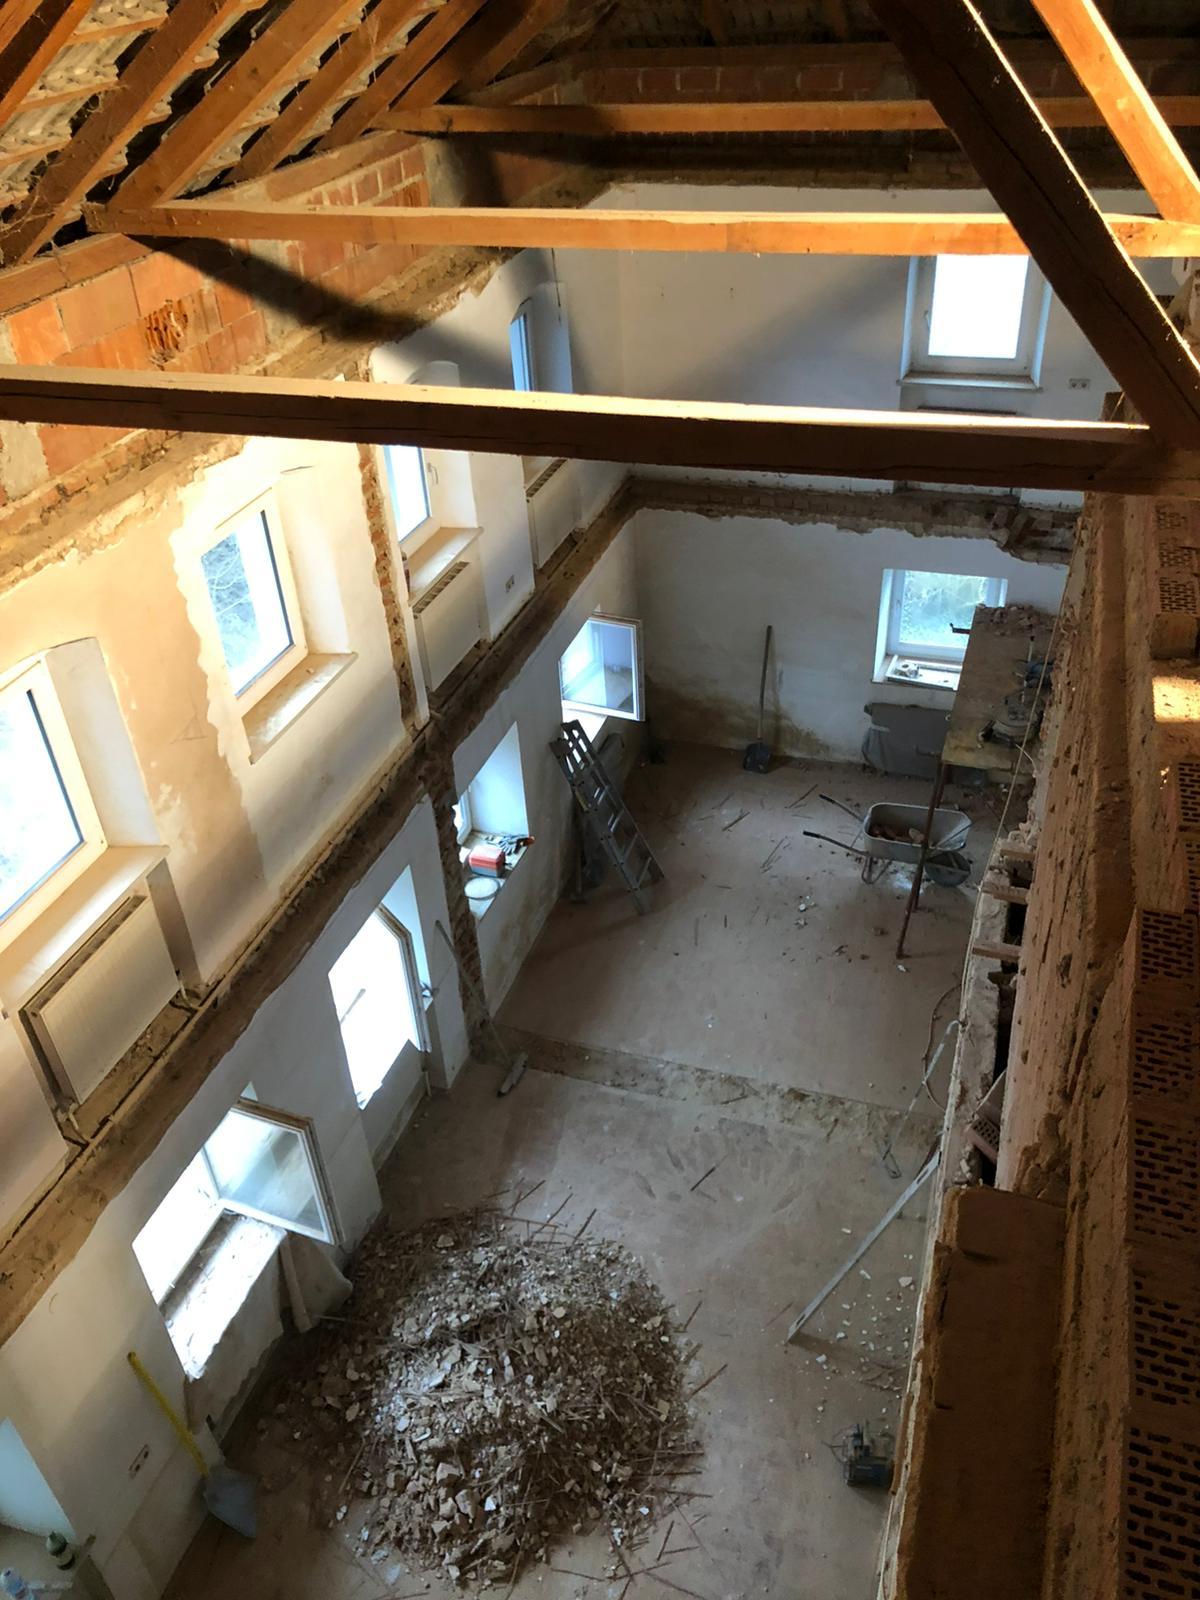 Mistlbacher Abriss Zwischendecke - Moderne Innenarchitektur für ein altes Bauernhaus